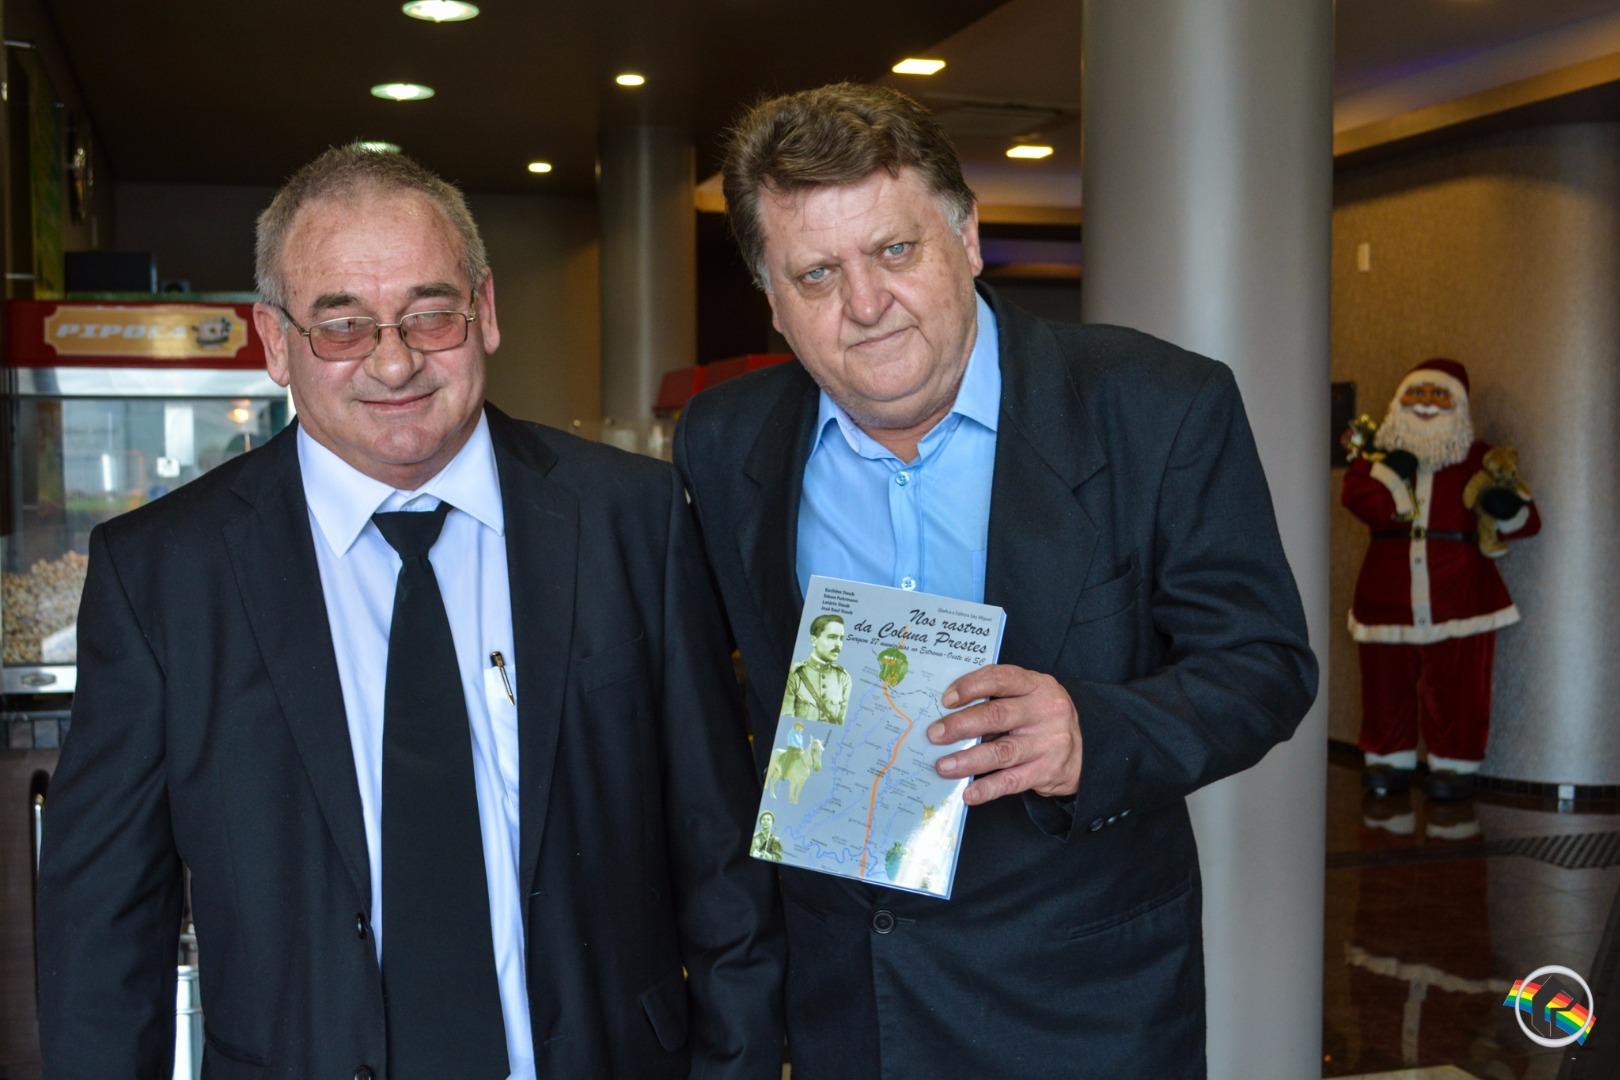 Escritor lança livro Nos rastros da Coluna Prestes